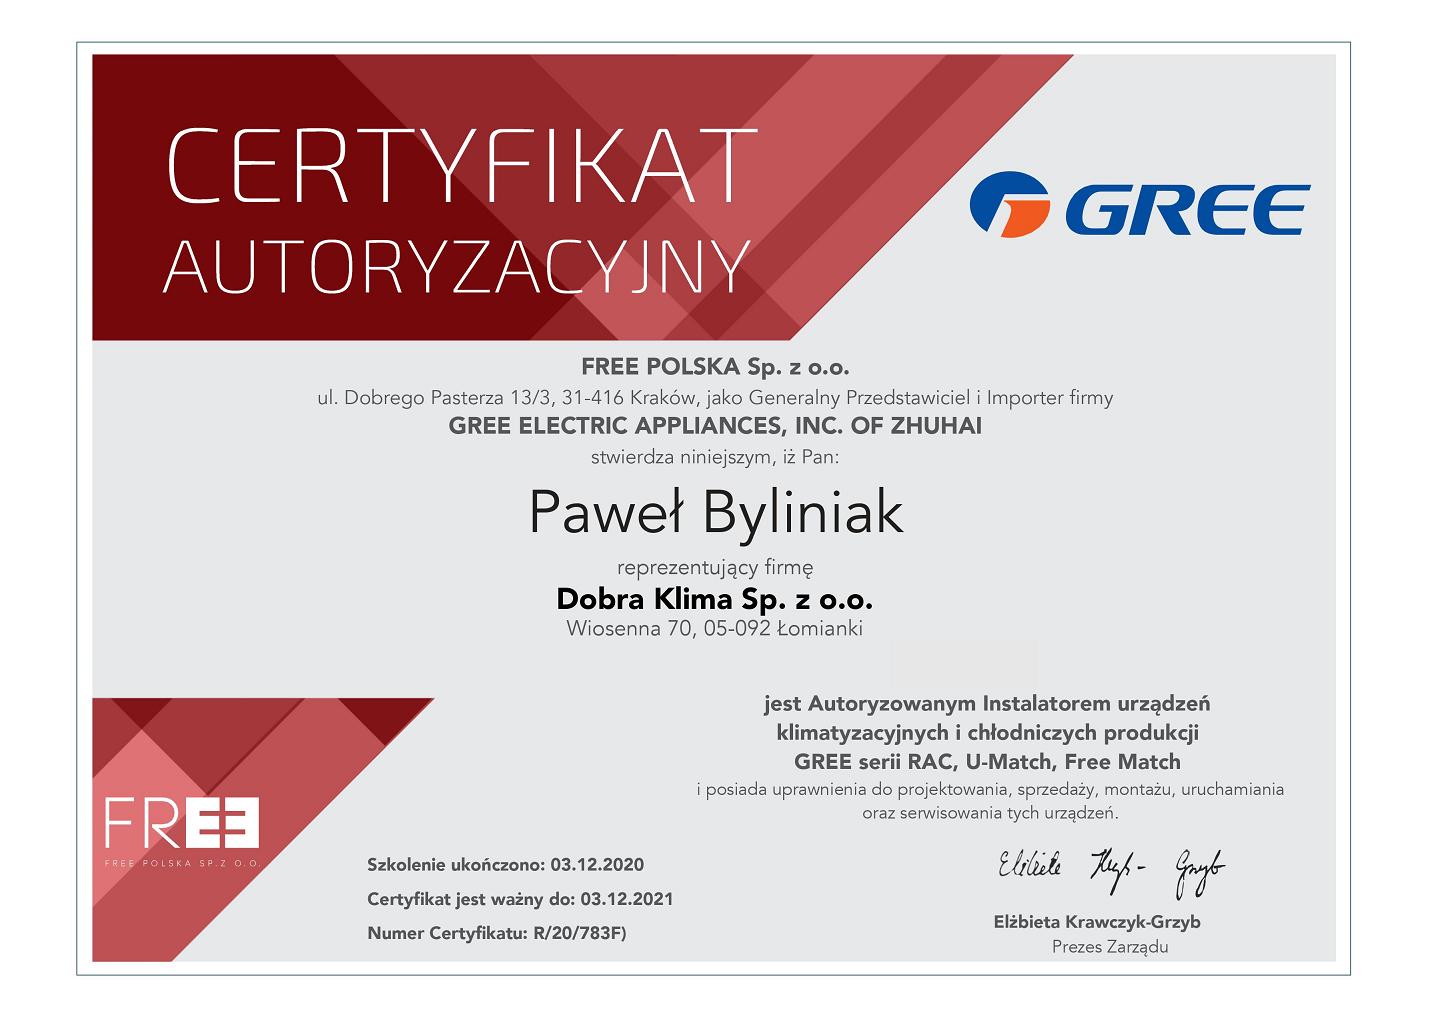 2021-certyfikat-gree-pawel-byliniak